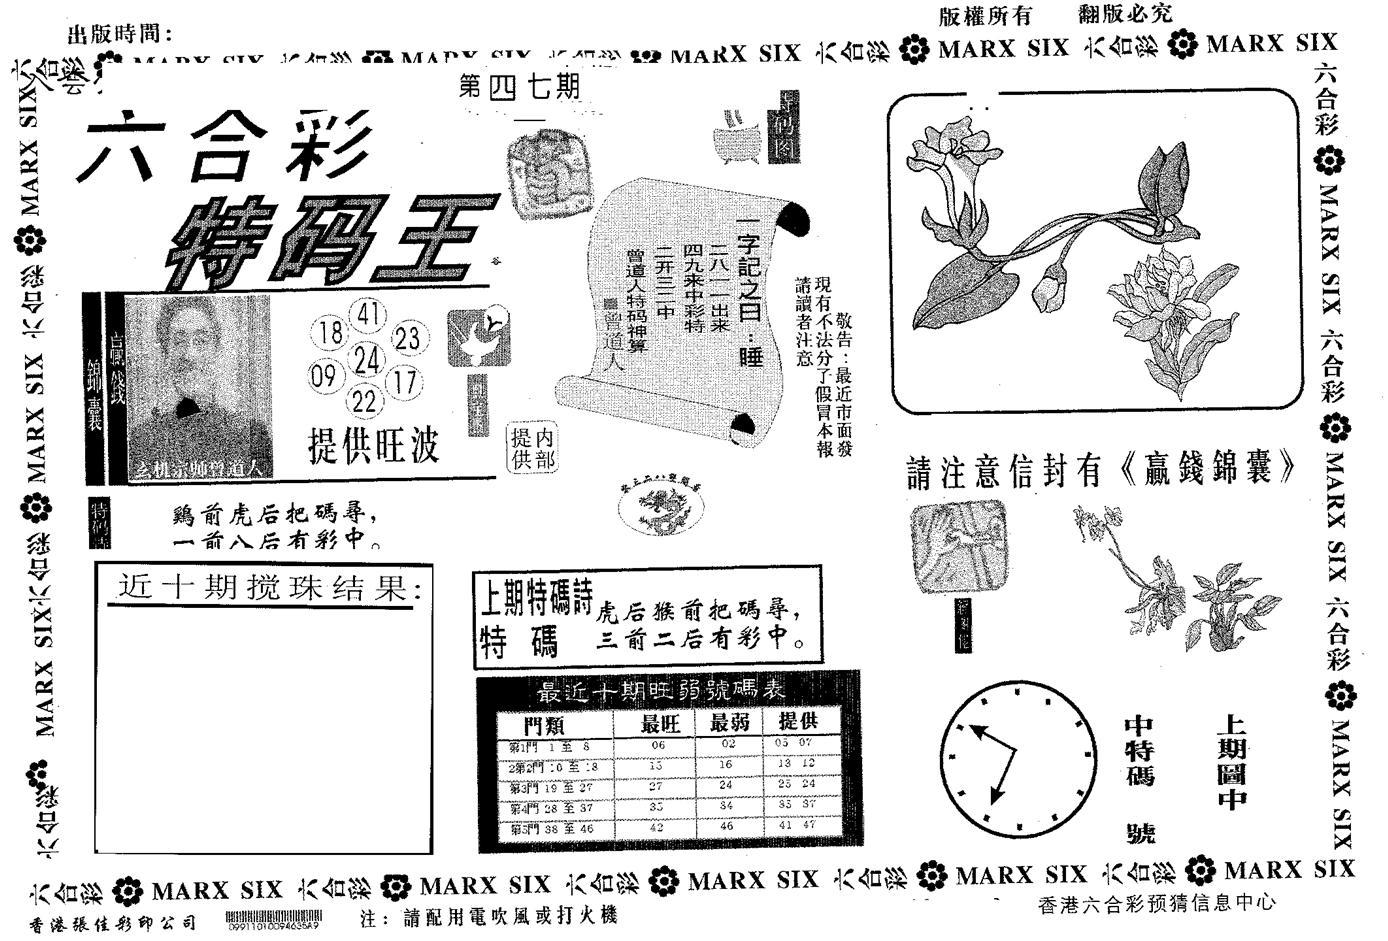 047期特码王B(黑白)